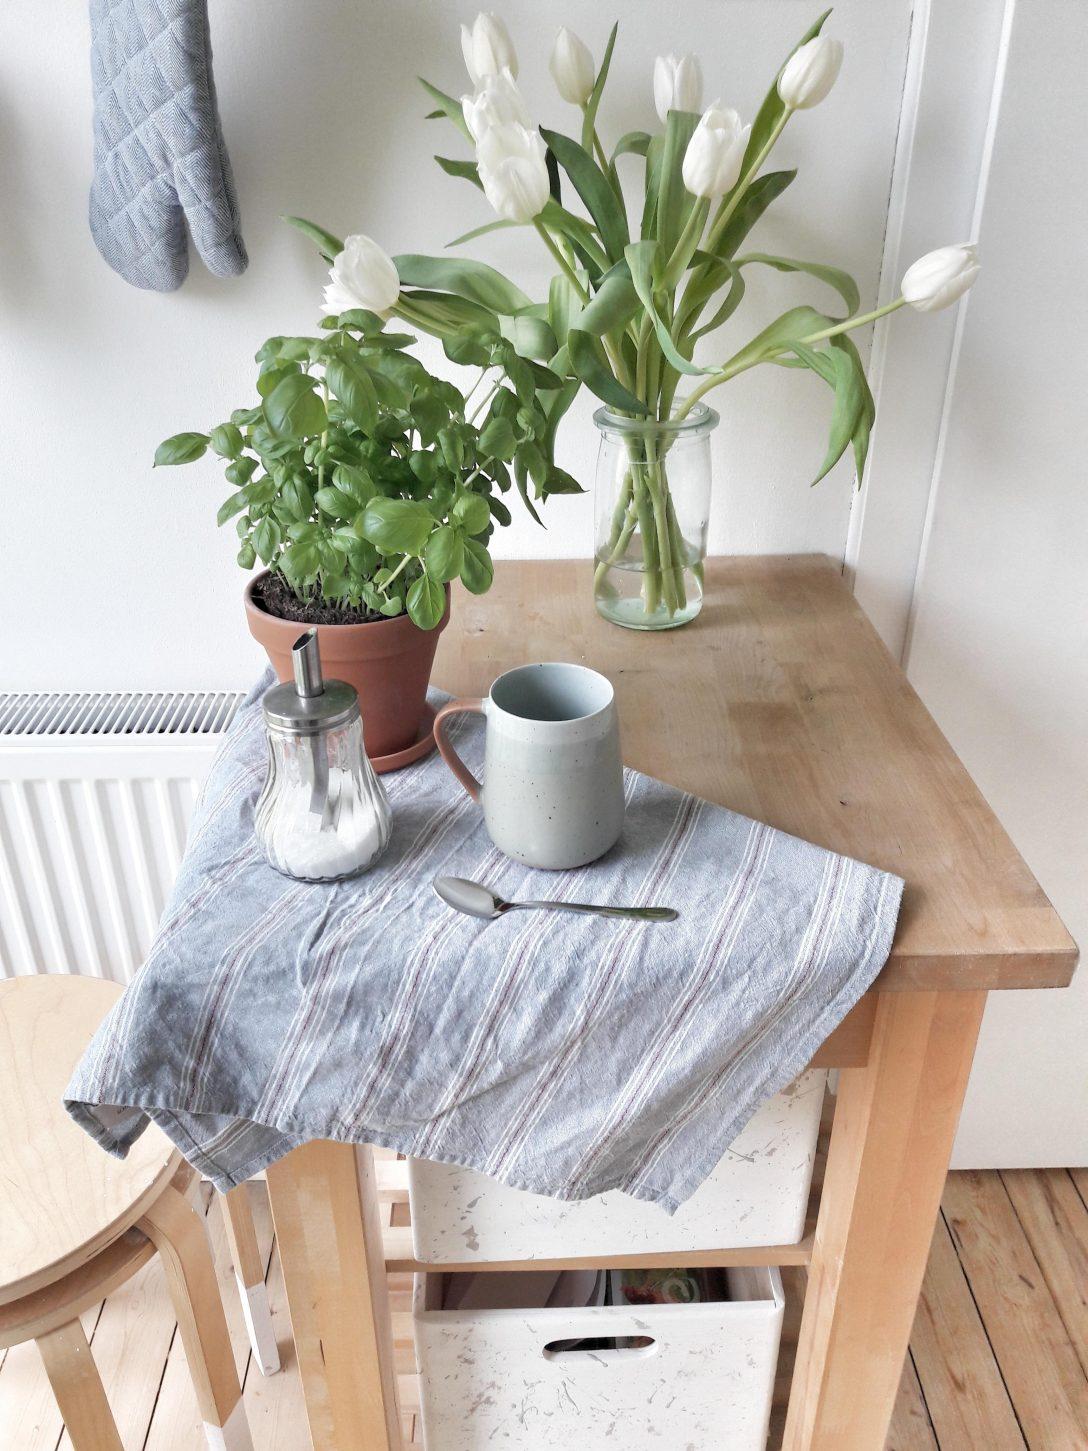 Large Size of Ikea Hacks Küche Miniküche Sitzecke Hängeschrank Glastüren Amerikanische Kaufen Nobilia Vorhänge Höhe Auf Raten Wandpaneel Glas Weisse Landhausküche Wohnzimmer Ikea Hacks Küche